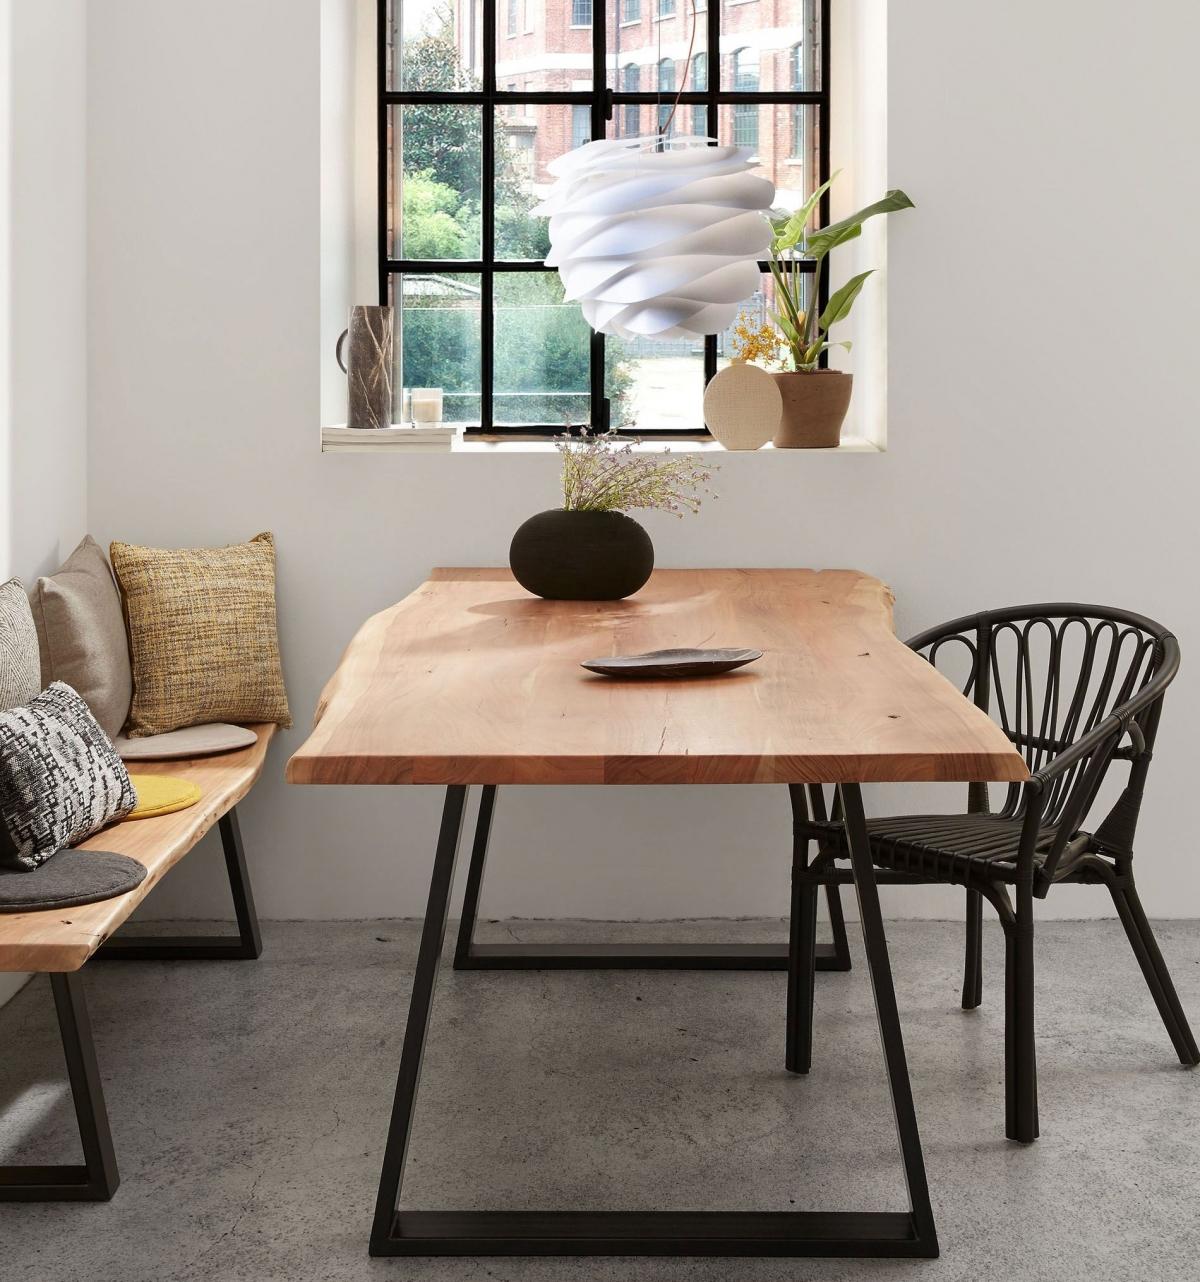 Эко-стиль для столовой: уют, простота, дизайнерские находки